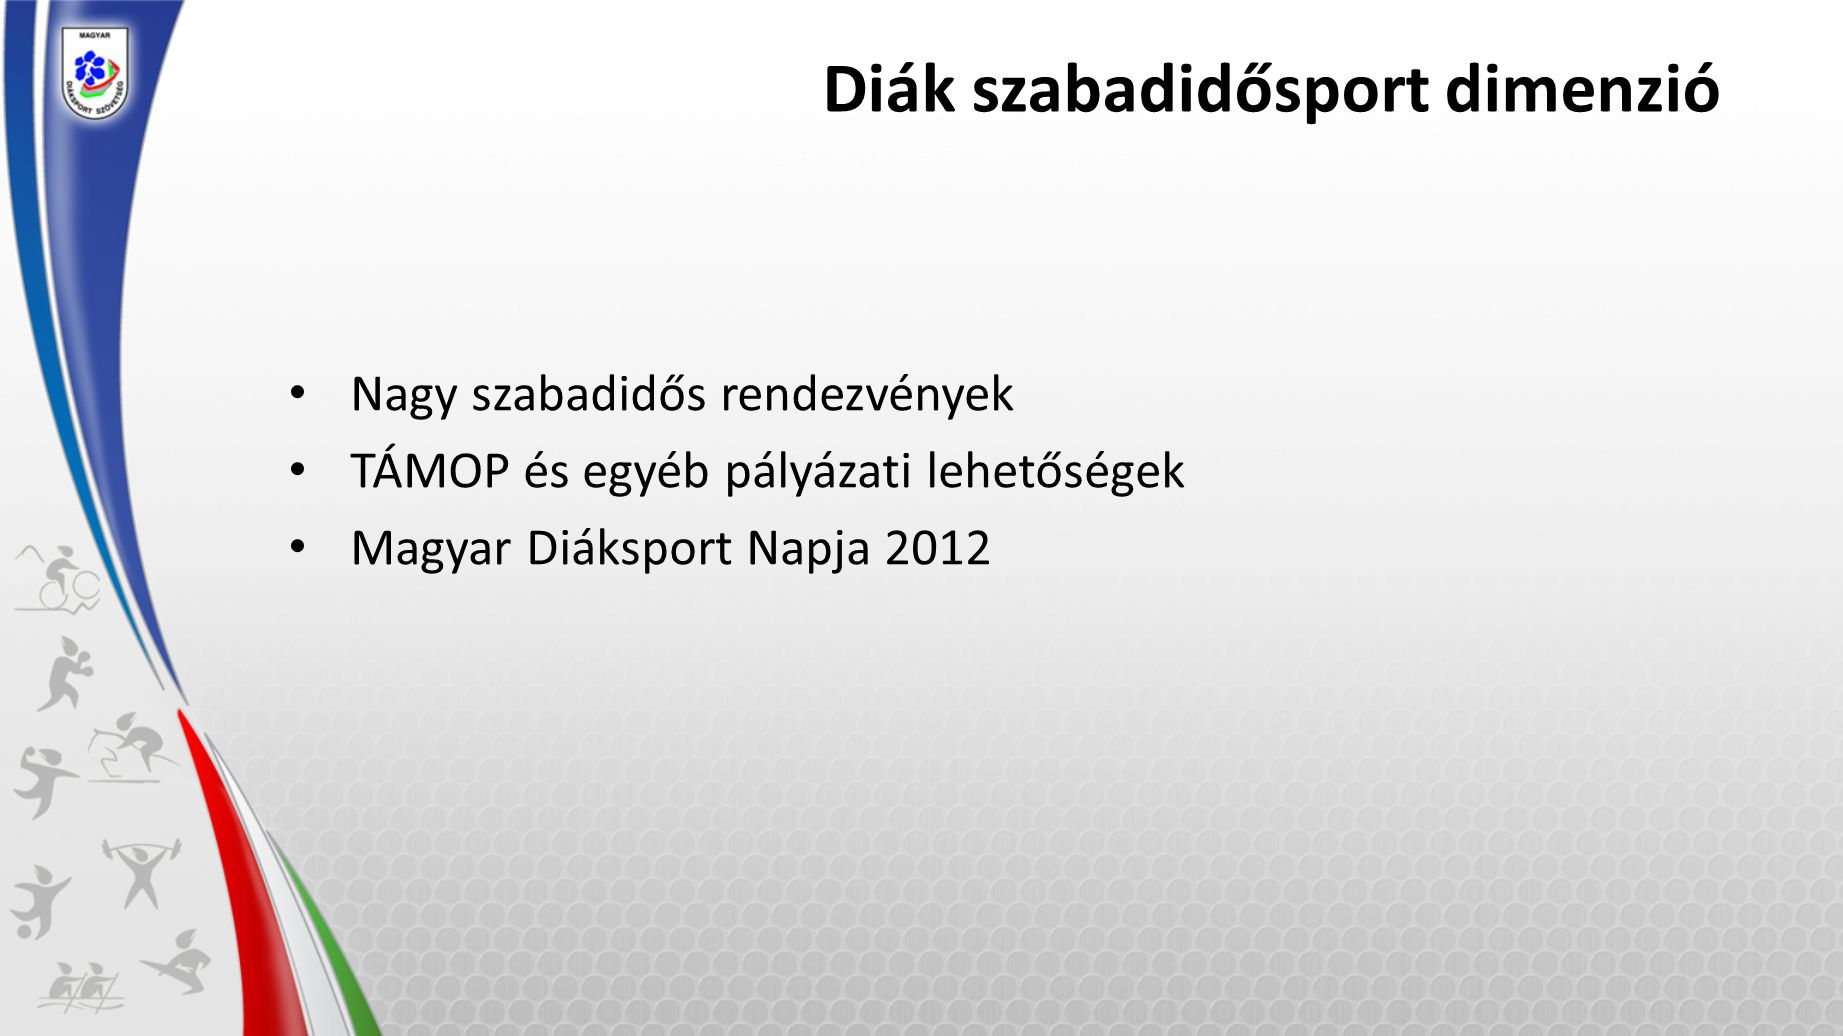 Diák szabadidősport dimenzió Nagy szabadidős rendezvények TÁMOP és egyéb pályázati lehetőségek Magyar Diáksport Napja 2012